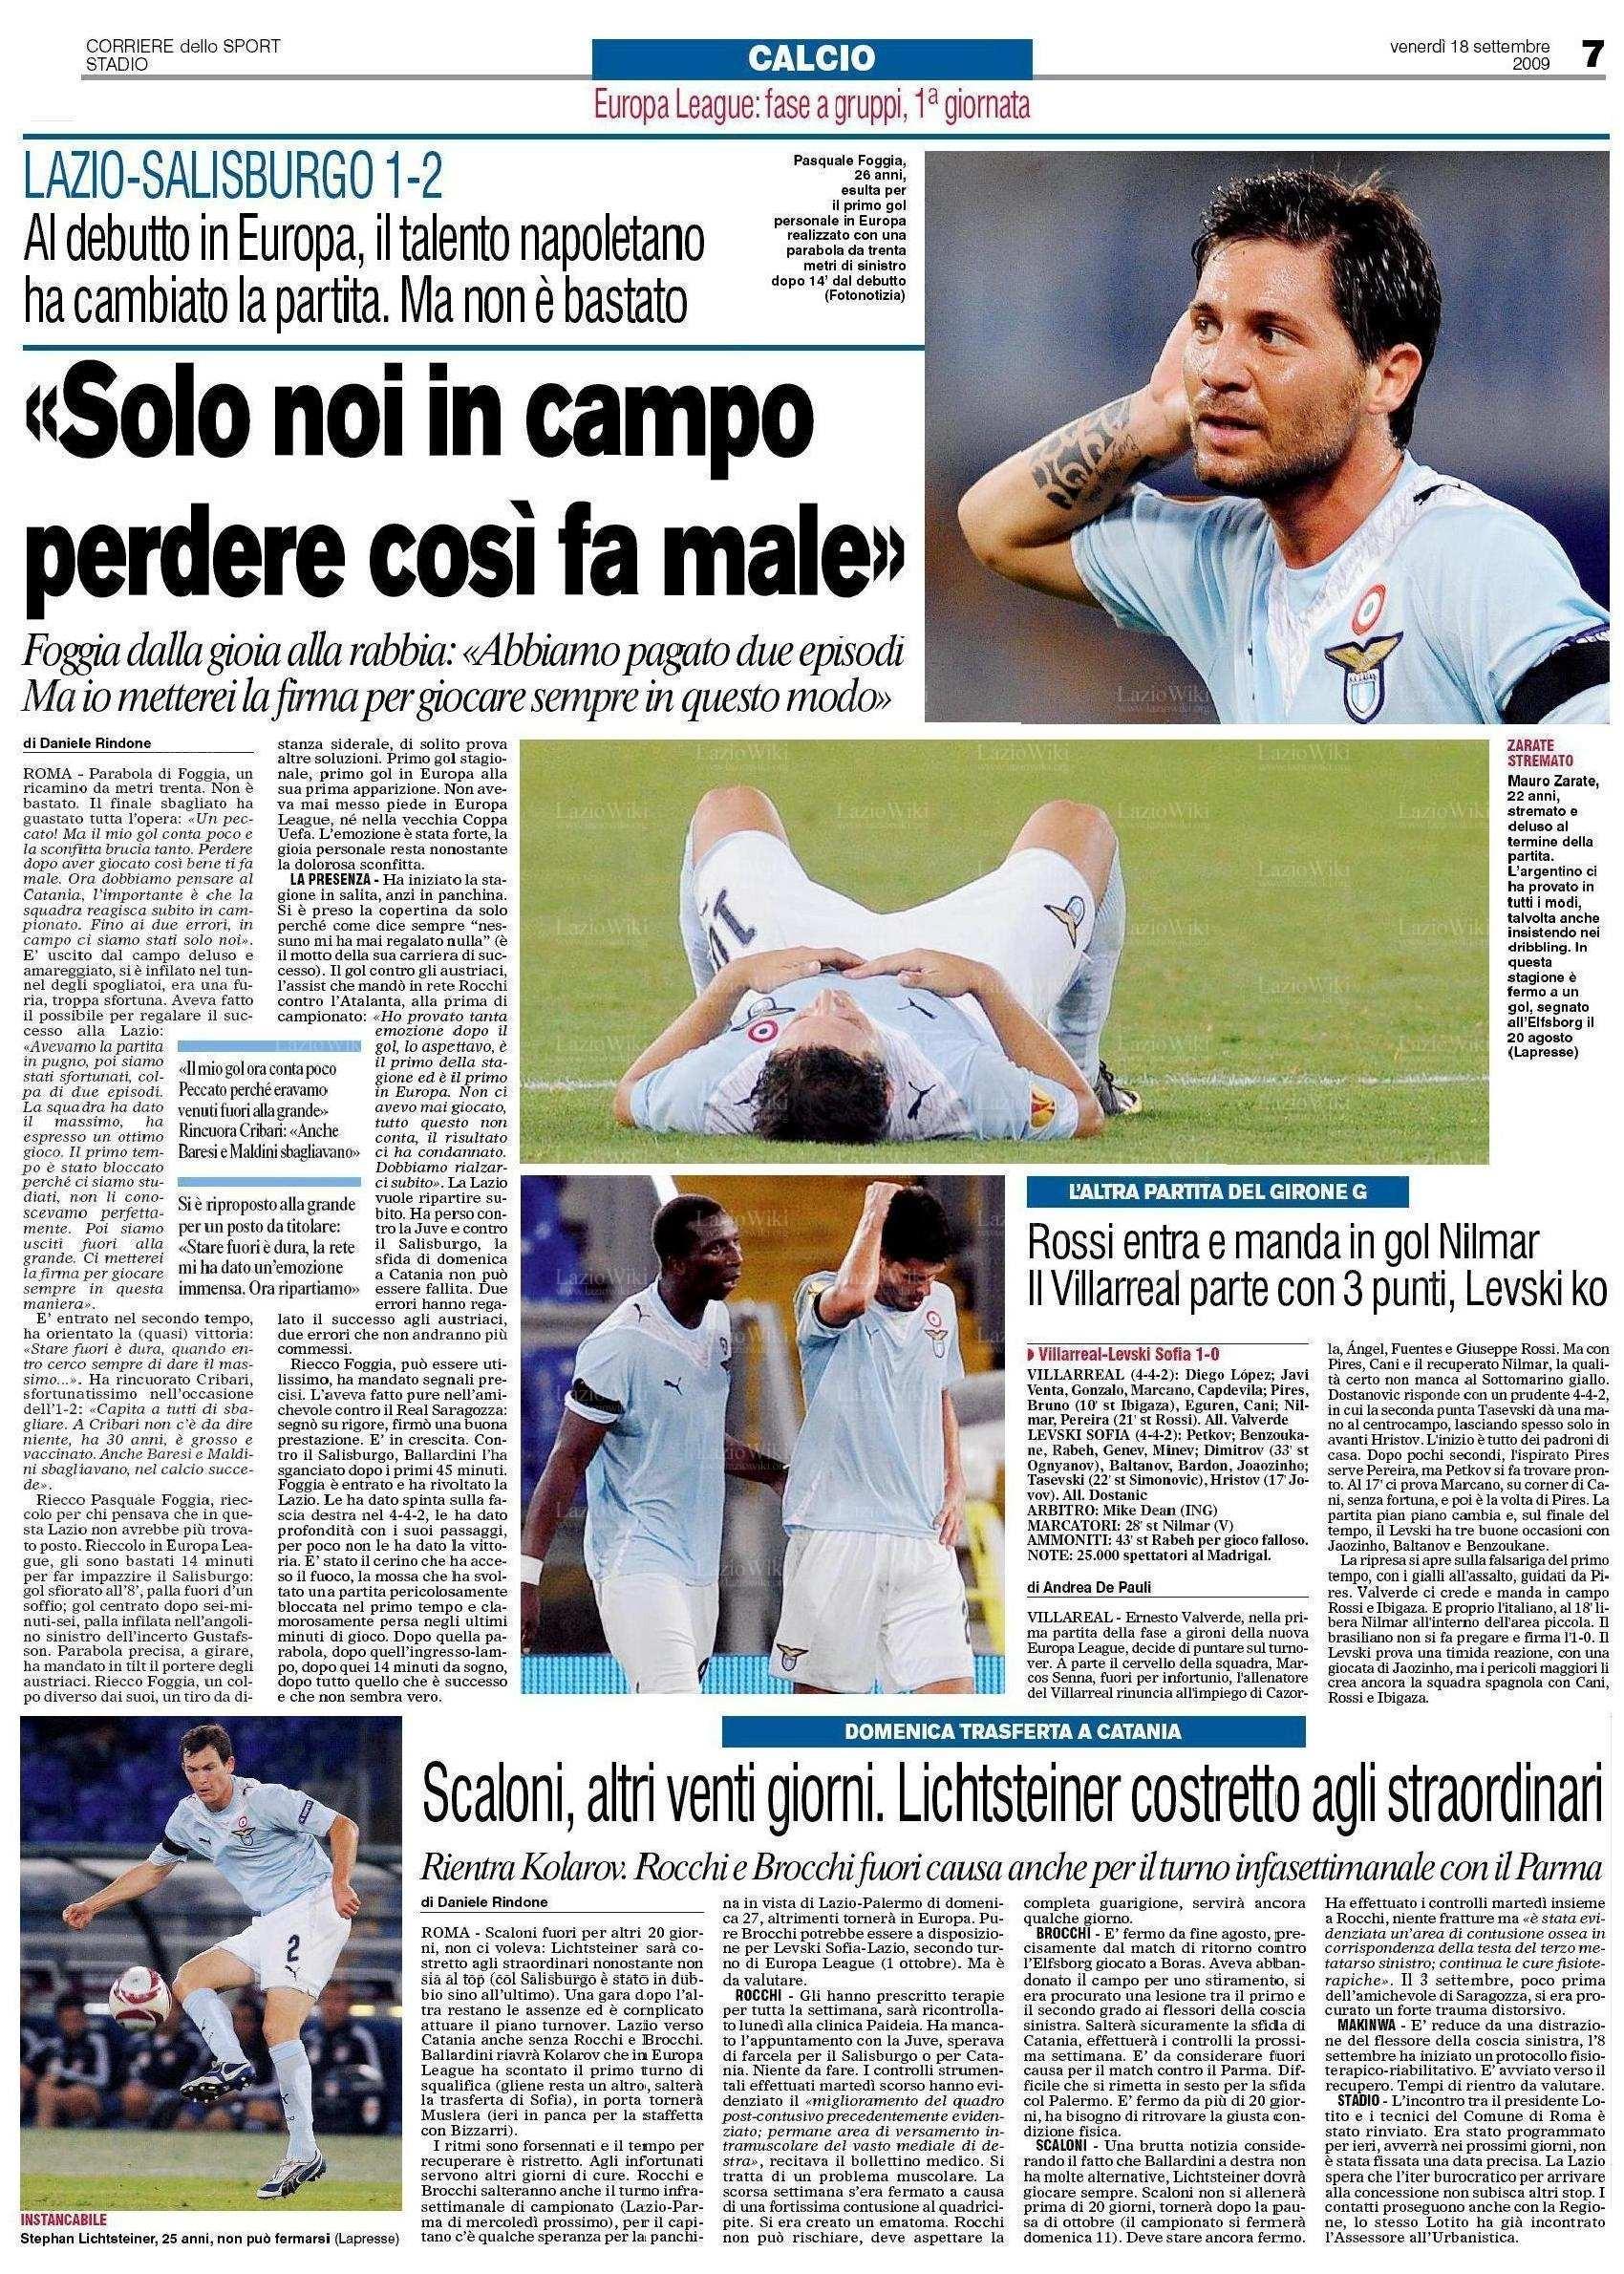 Il Corriere dello Sport del 18 settembre 2009